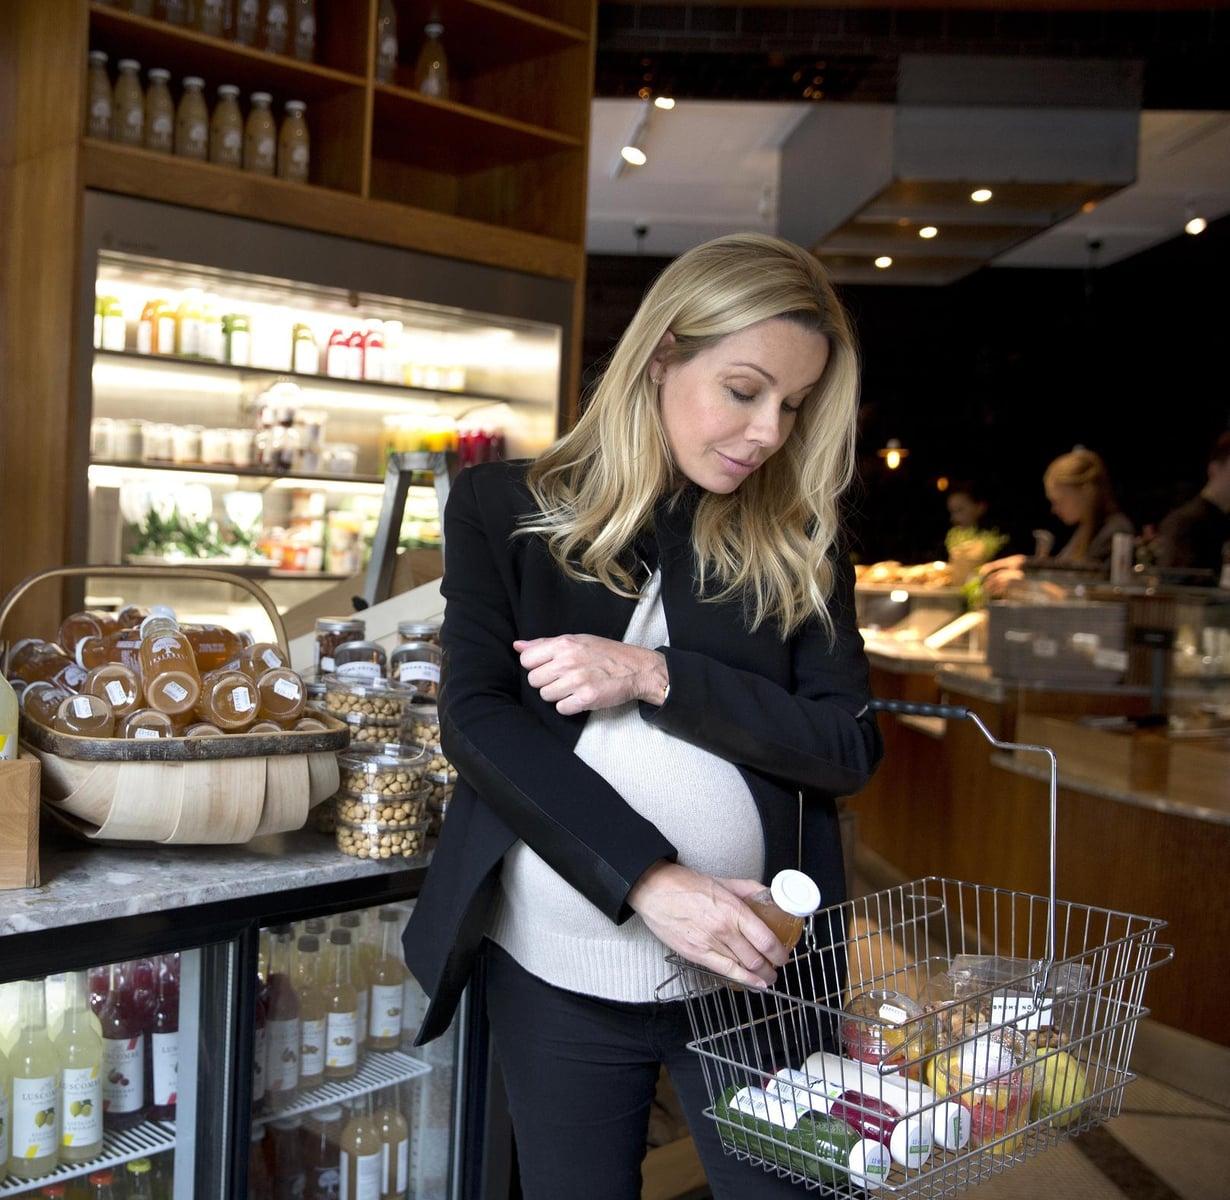 Ravintola Bromsin take away -osastolta Pernillan mukaan päätyy usein erilaisia mehuja. Myrkynvihreä kurkkua, salaattia, pinaattia, selleriä ja spiruliinaa sisältävä Chlorophyll on Pernillan suosikki.